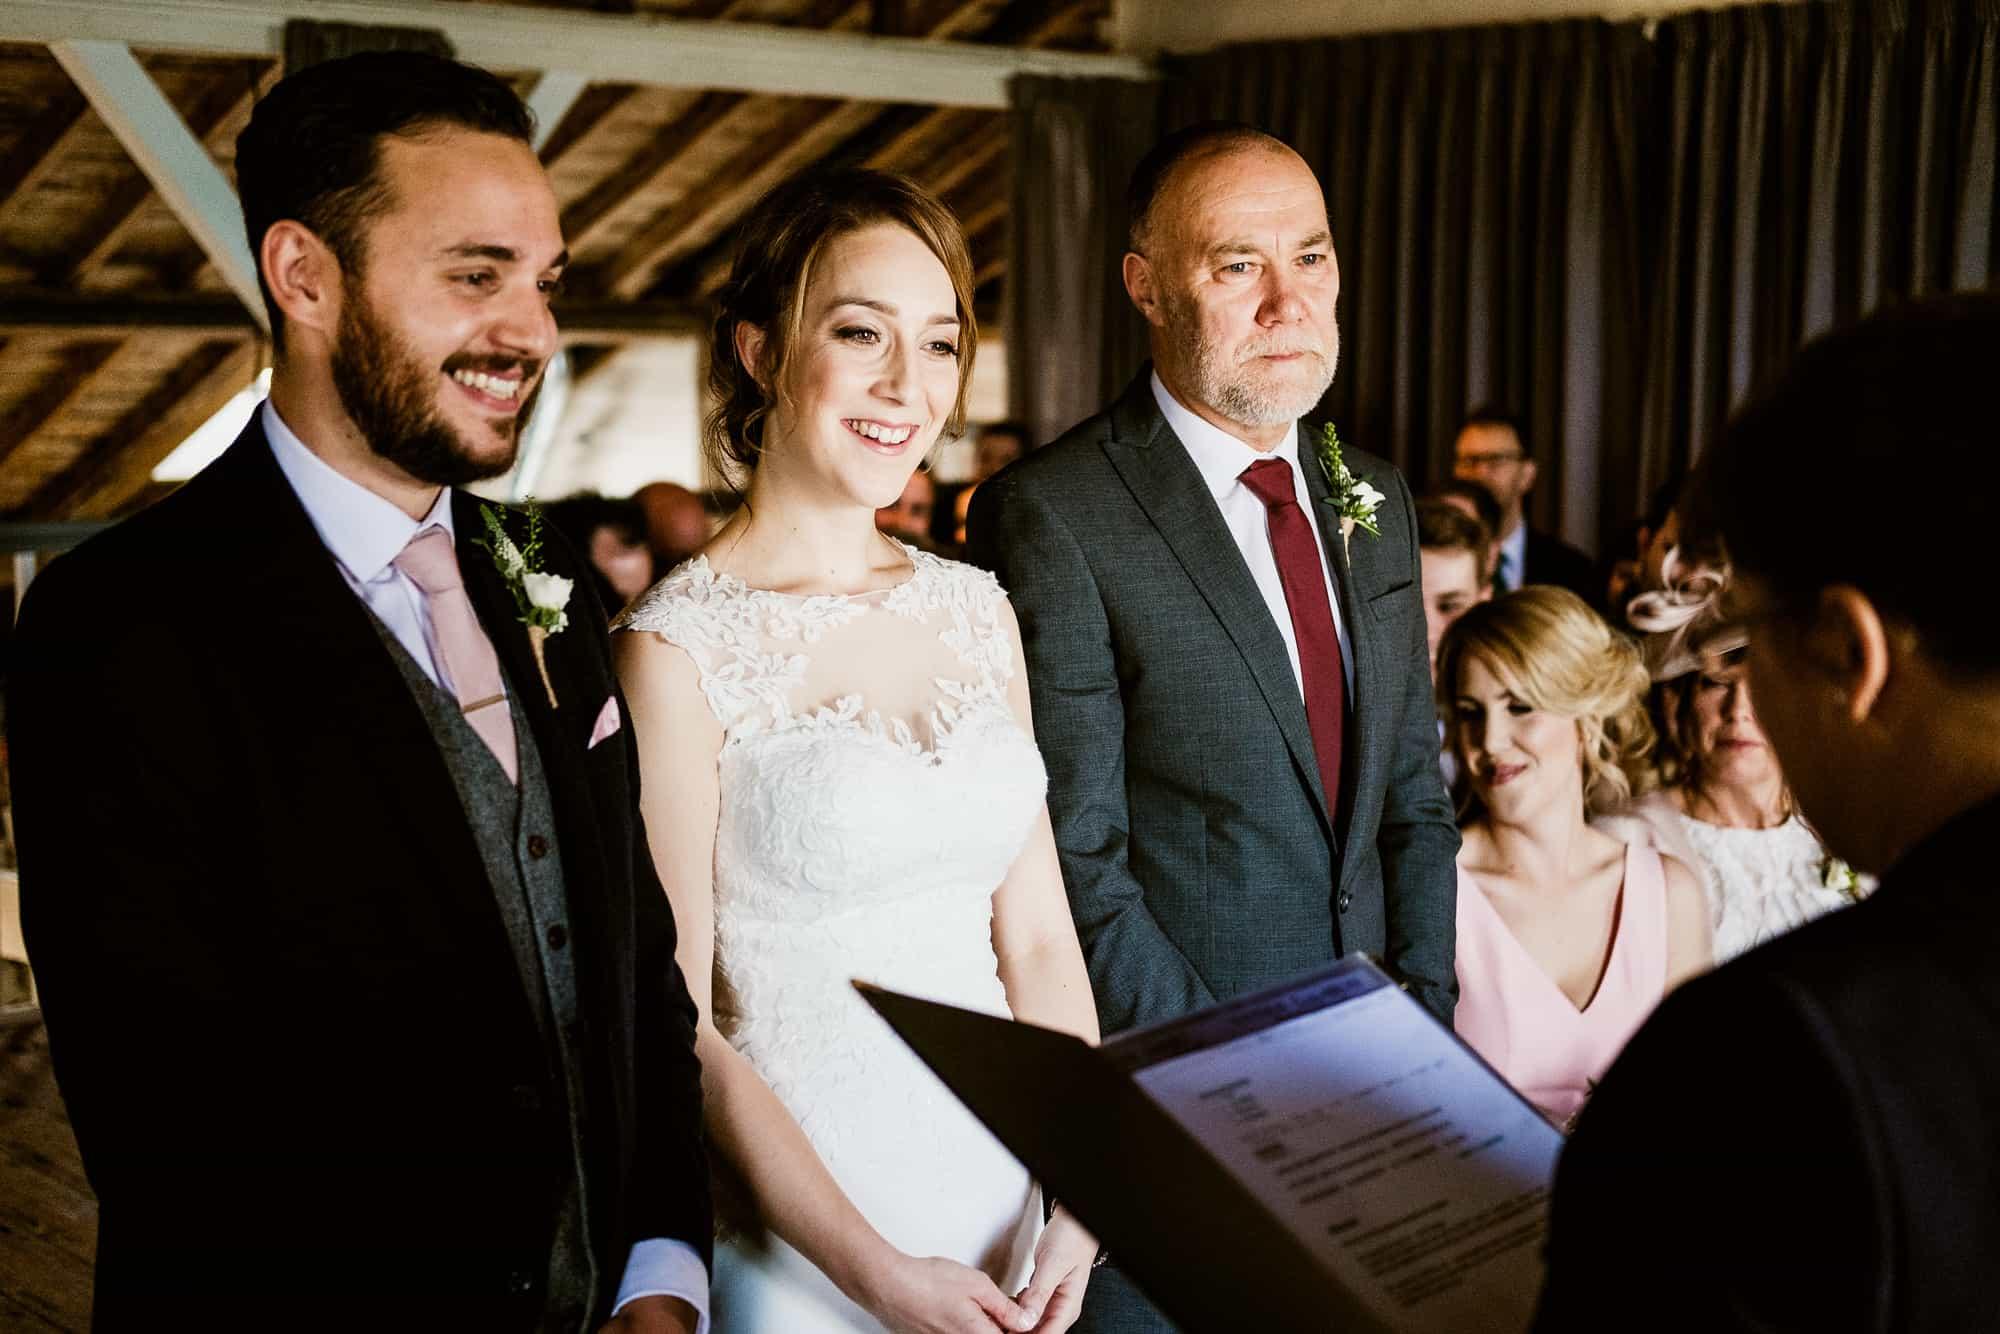 east-quay-wedding-photographer-matt-tyler-0019